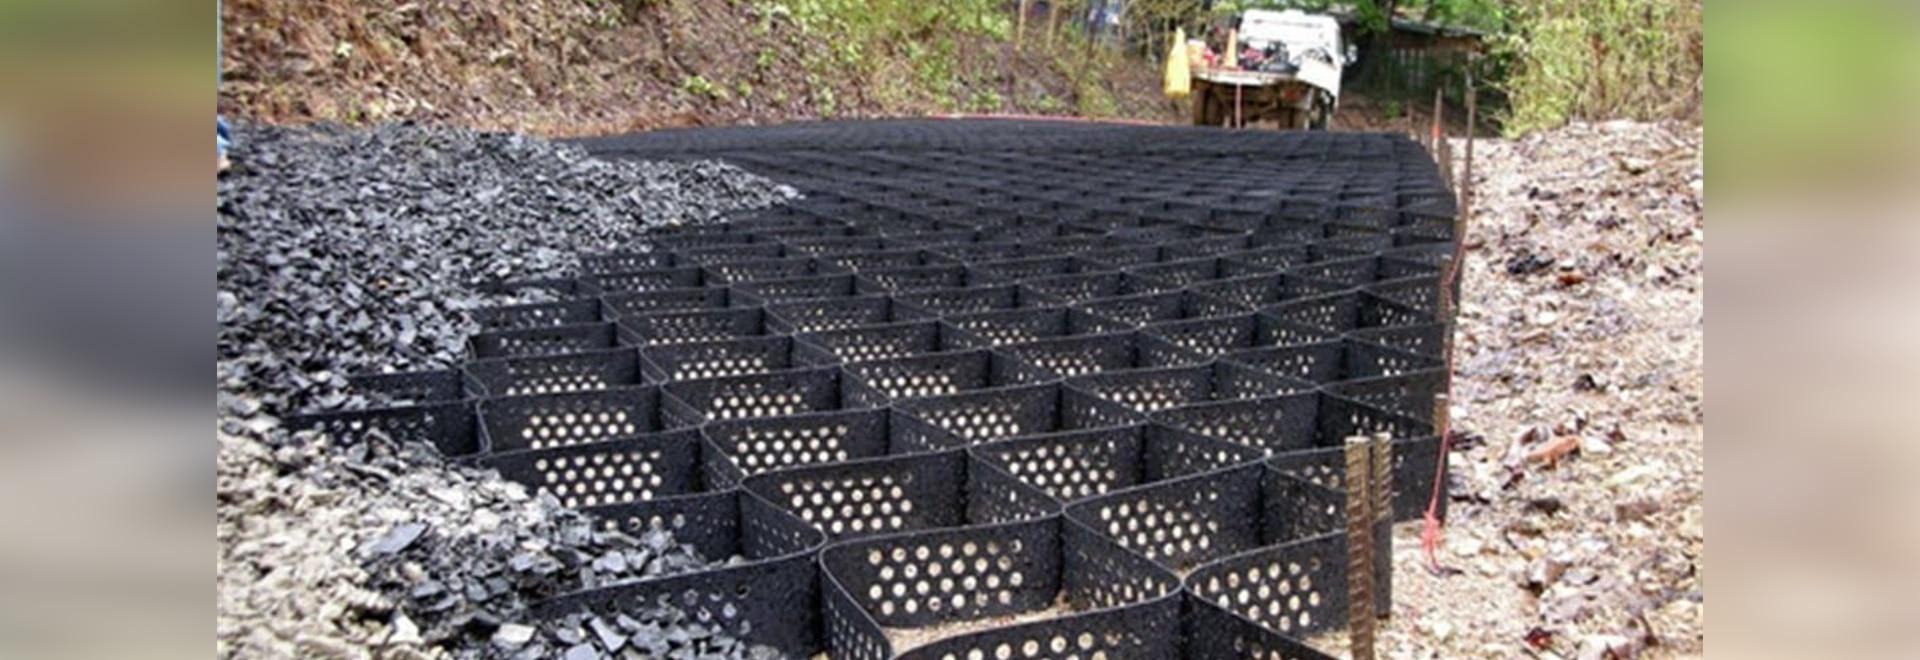 Yard's waterproofing : IP001